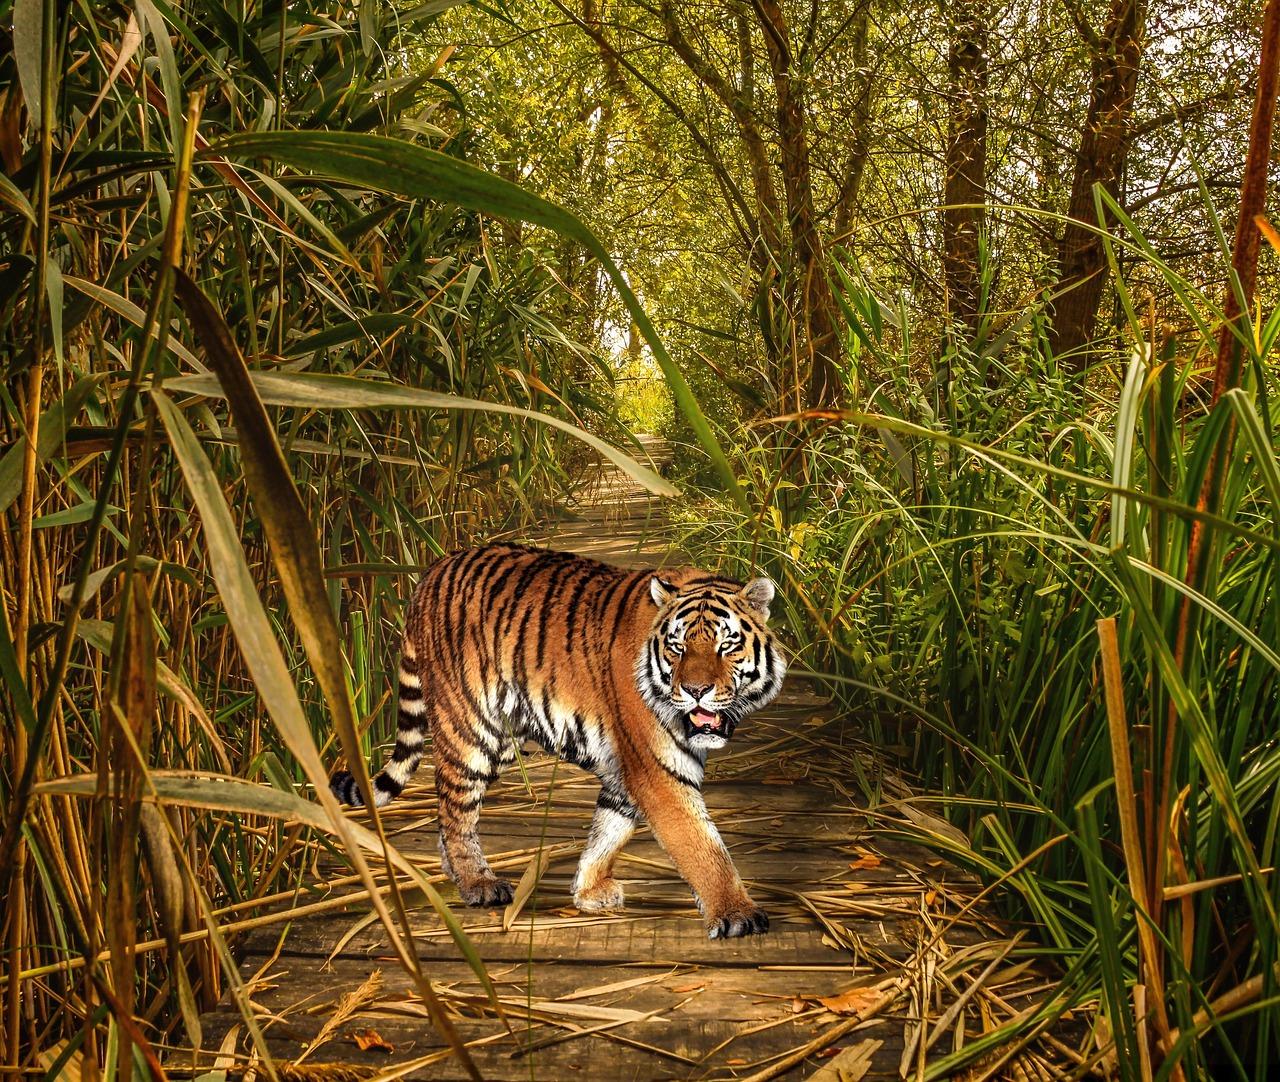 фототехники картинки тигр в джунгли маленькая приграничная германией